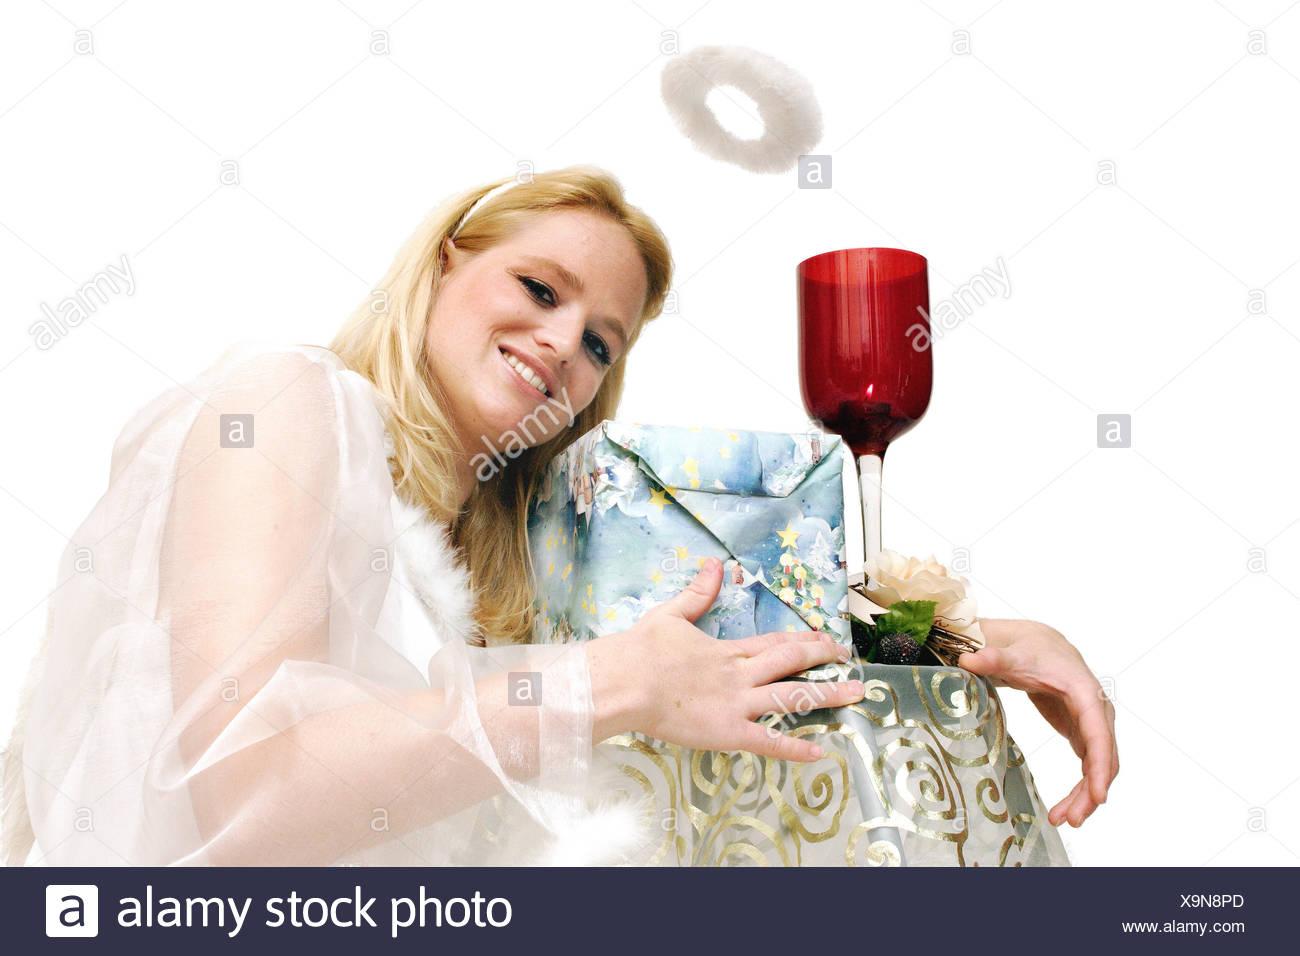 Engel Engel Unschuld Aureole Geschenke Liebe verliebt verliebte lieben Weihnachten Stockbild